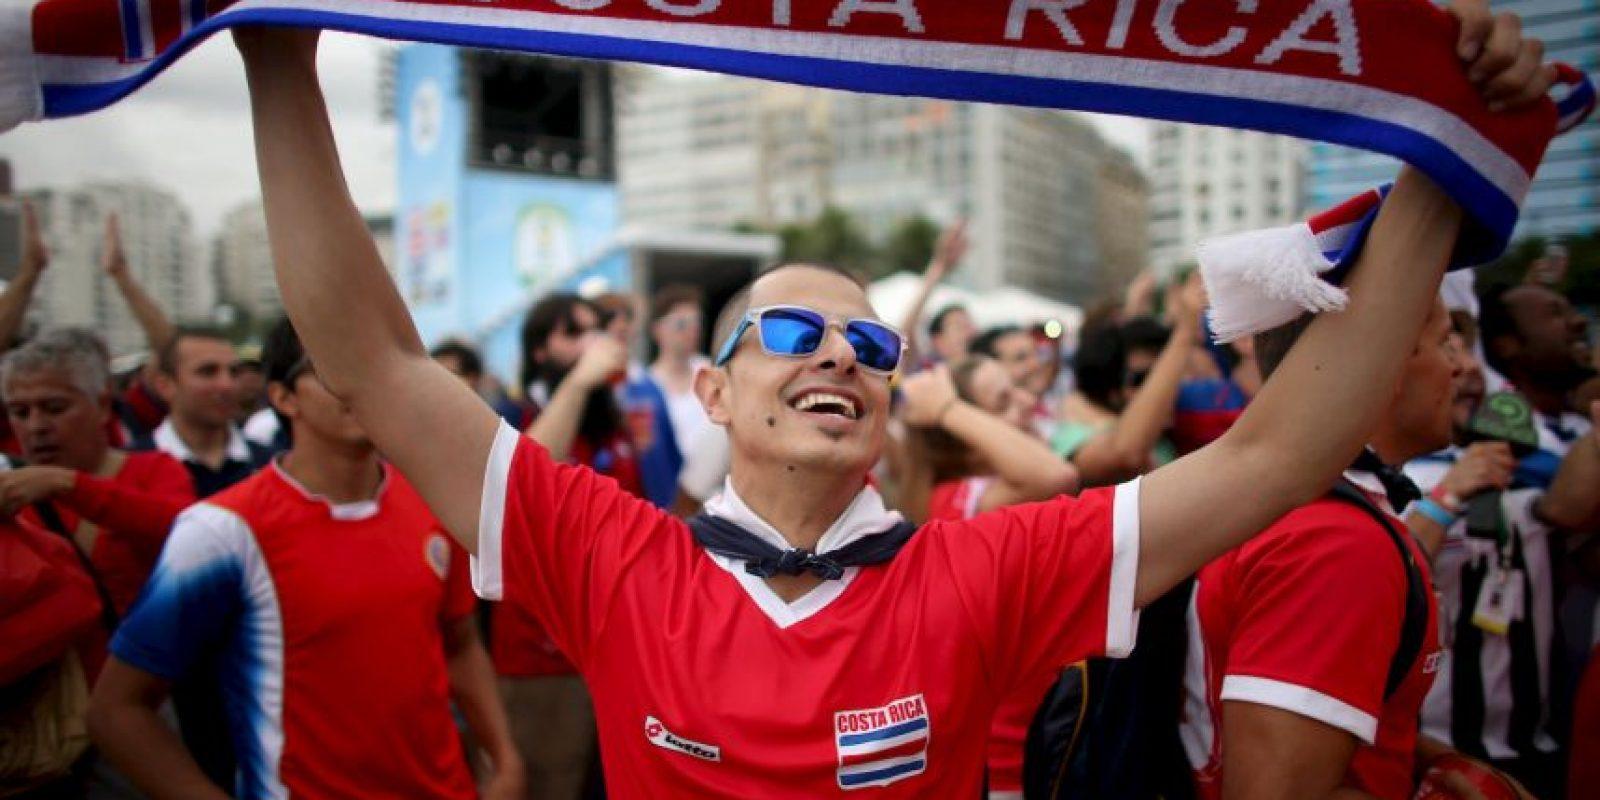 El único país latinoamericano y en las primeras posiciones gracias a los 31.98 puntos. Foto:Getty Images